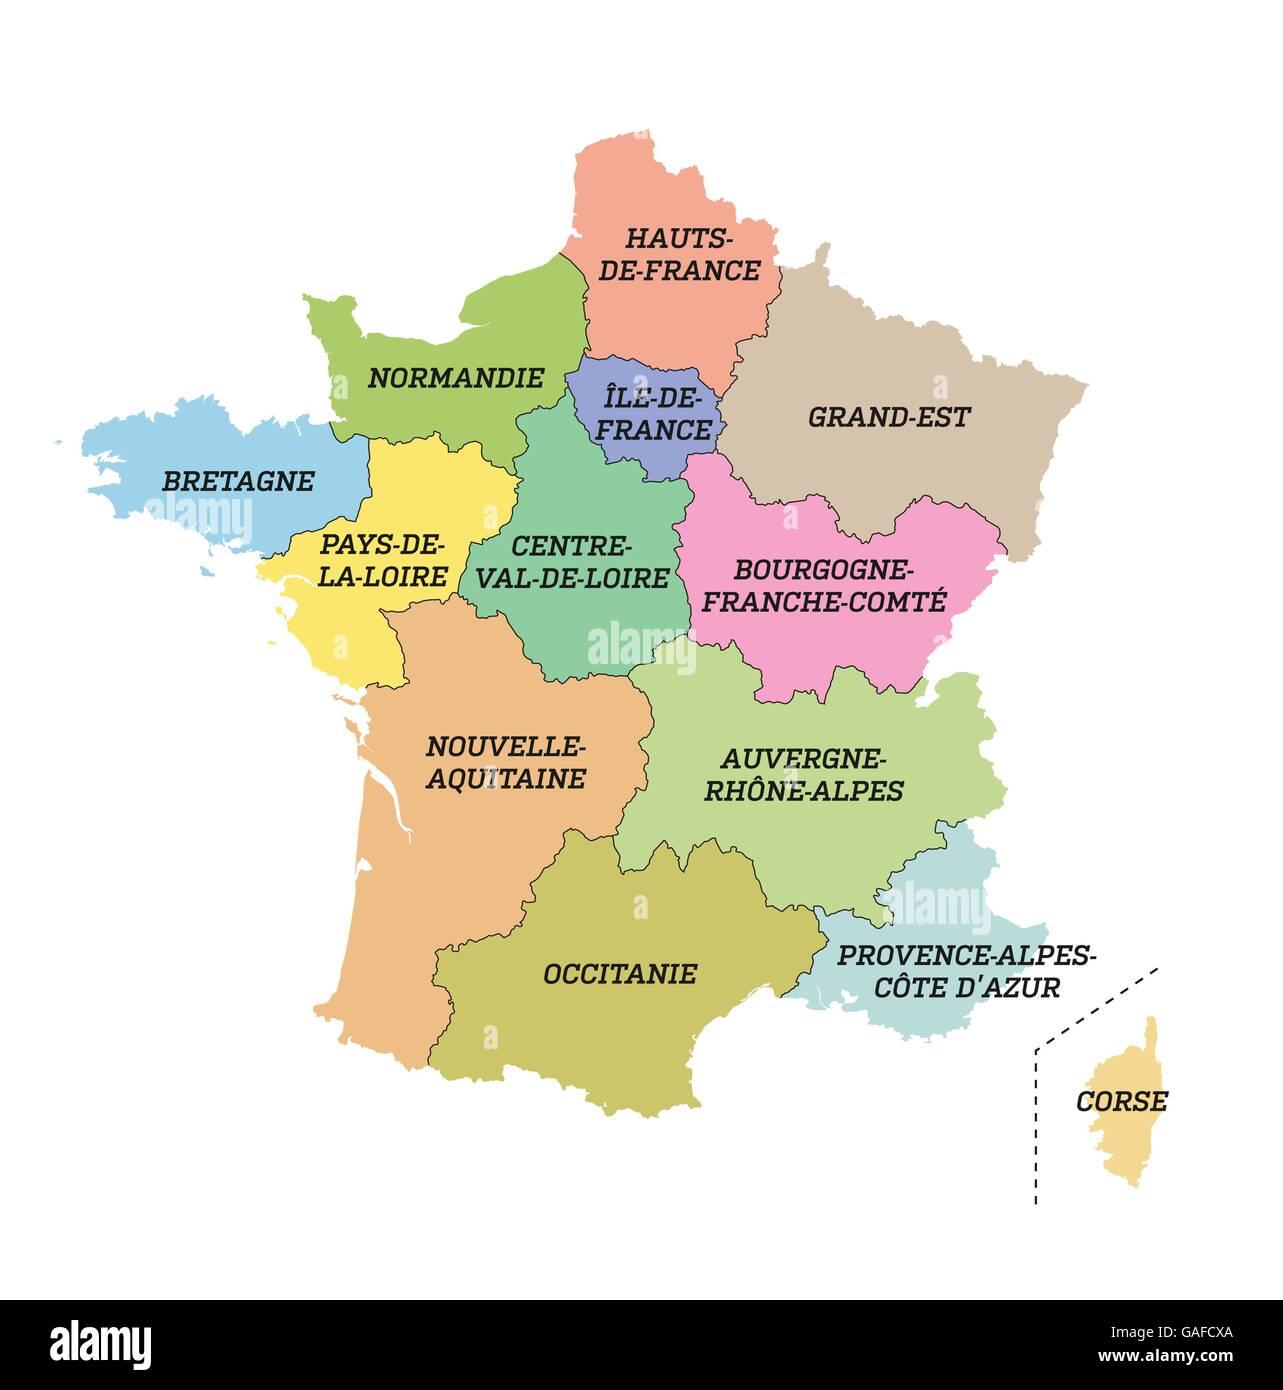 Frankreich Karte Regionen.Metropolitan Frankreich Karte Mit Neuen Regionen Vektor Abbildung